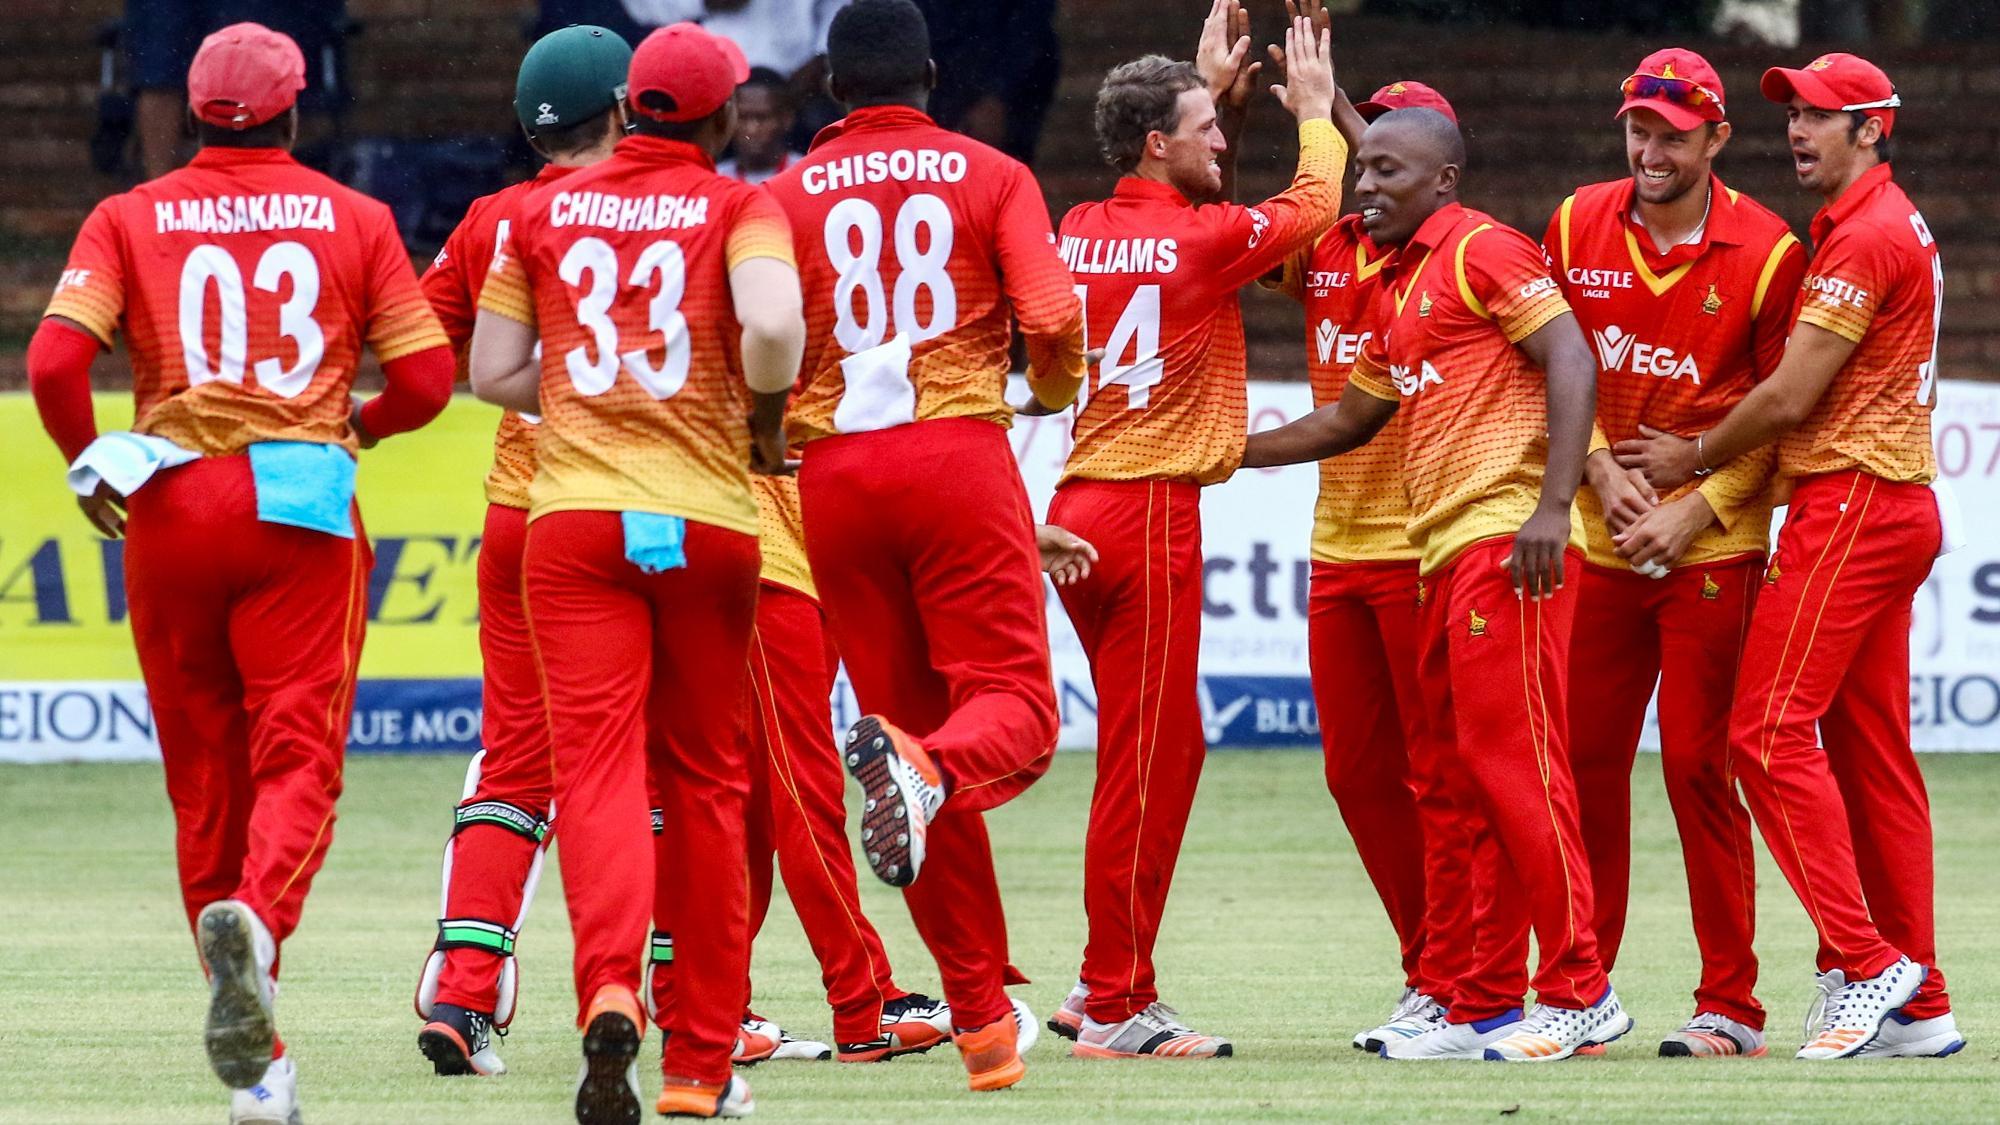 ZIMvsPAK: इमाम उल हक के तूफानी शतकीय पारी की बदौलत पाकिस्तान ने जिम्बाब्वे को 201 रनों से दिया करारी शिकस्त 2